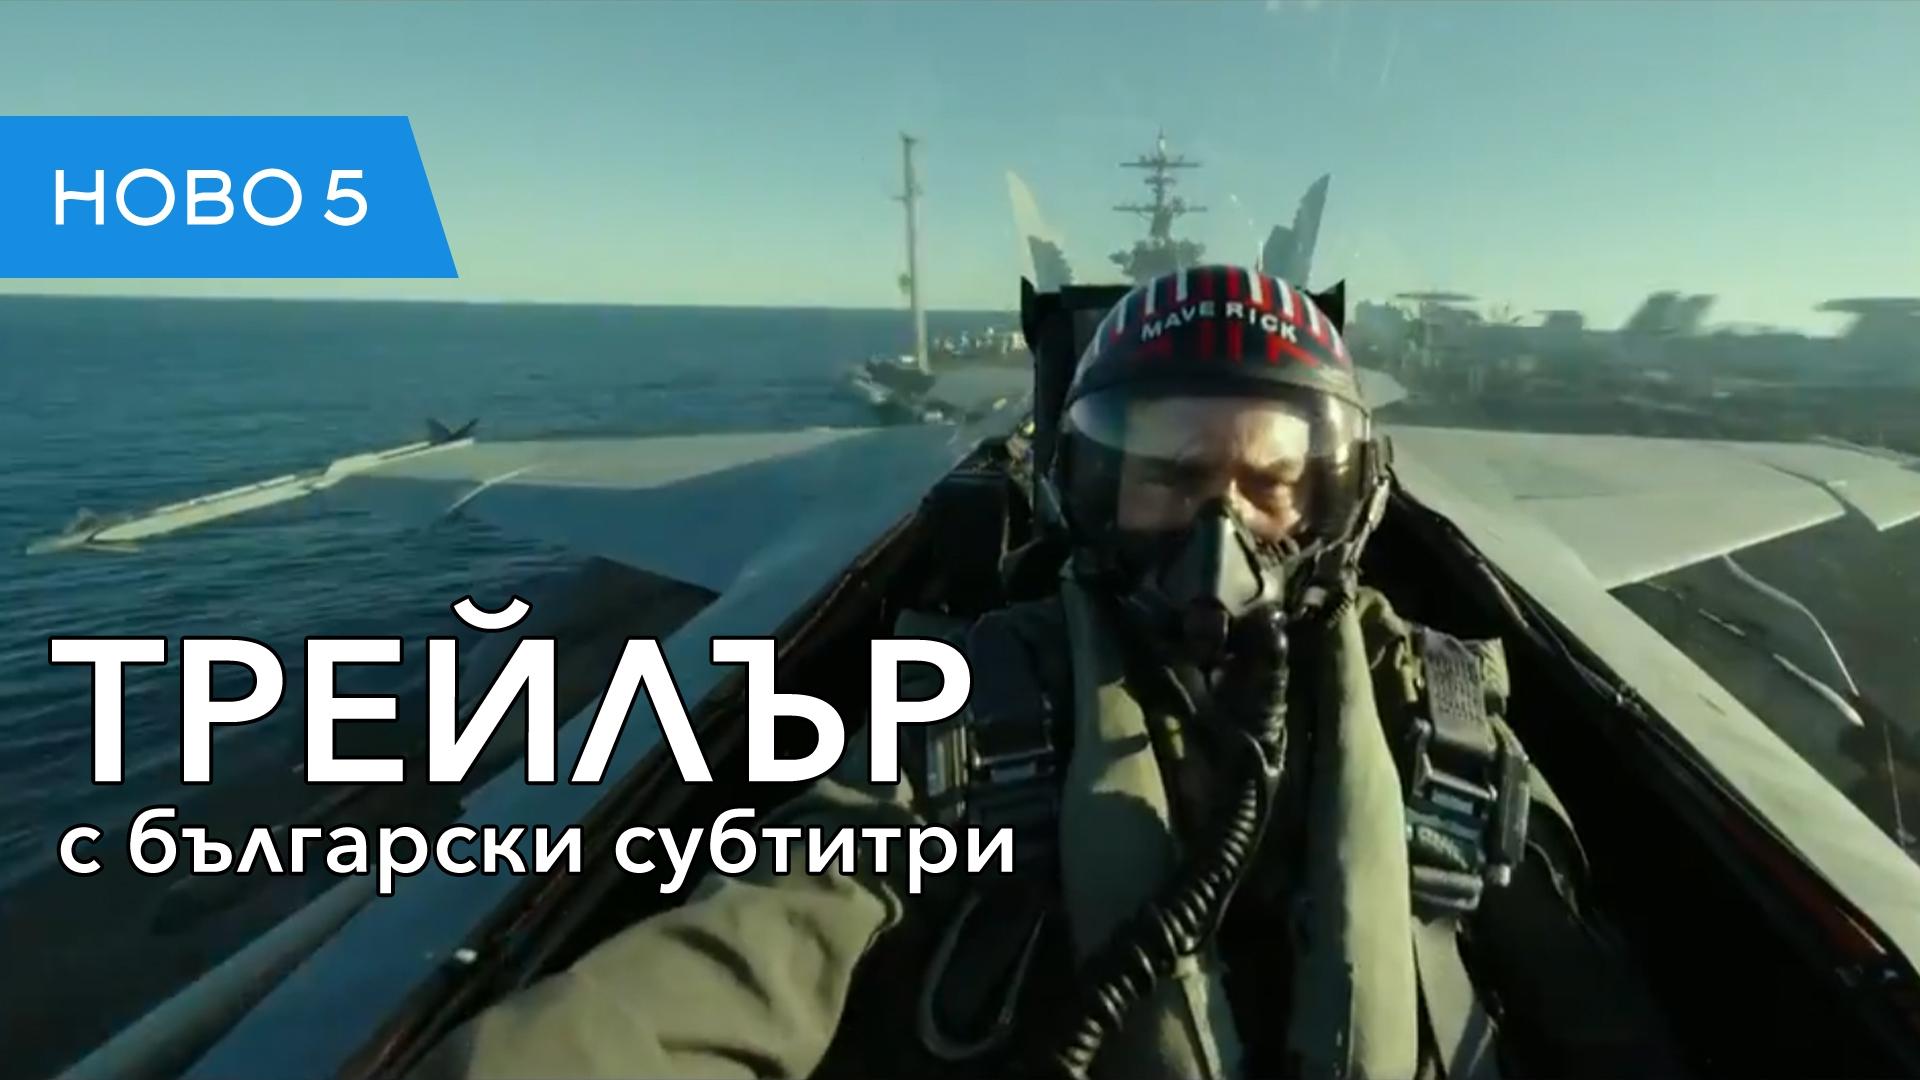 Топ Гън: Маверик (2019) трейлър с български субтитри